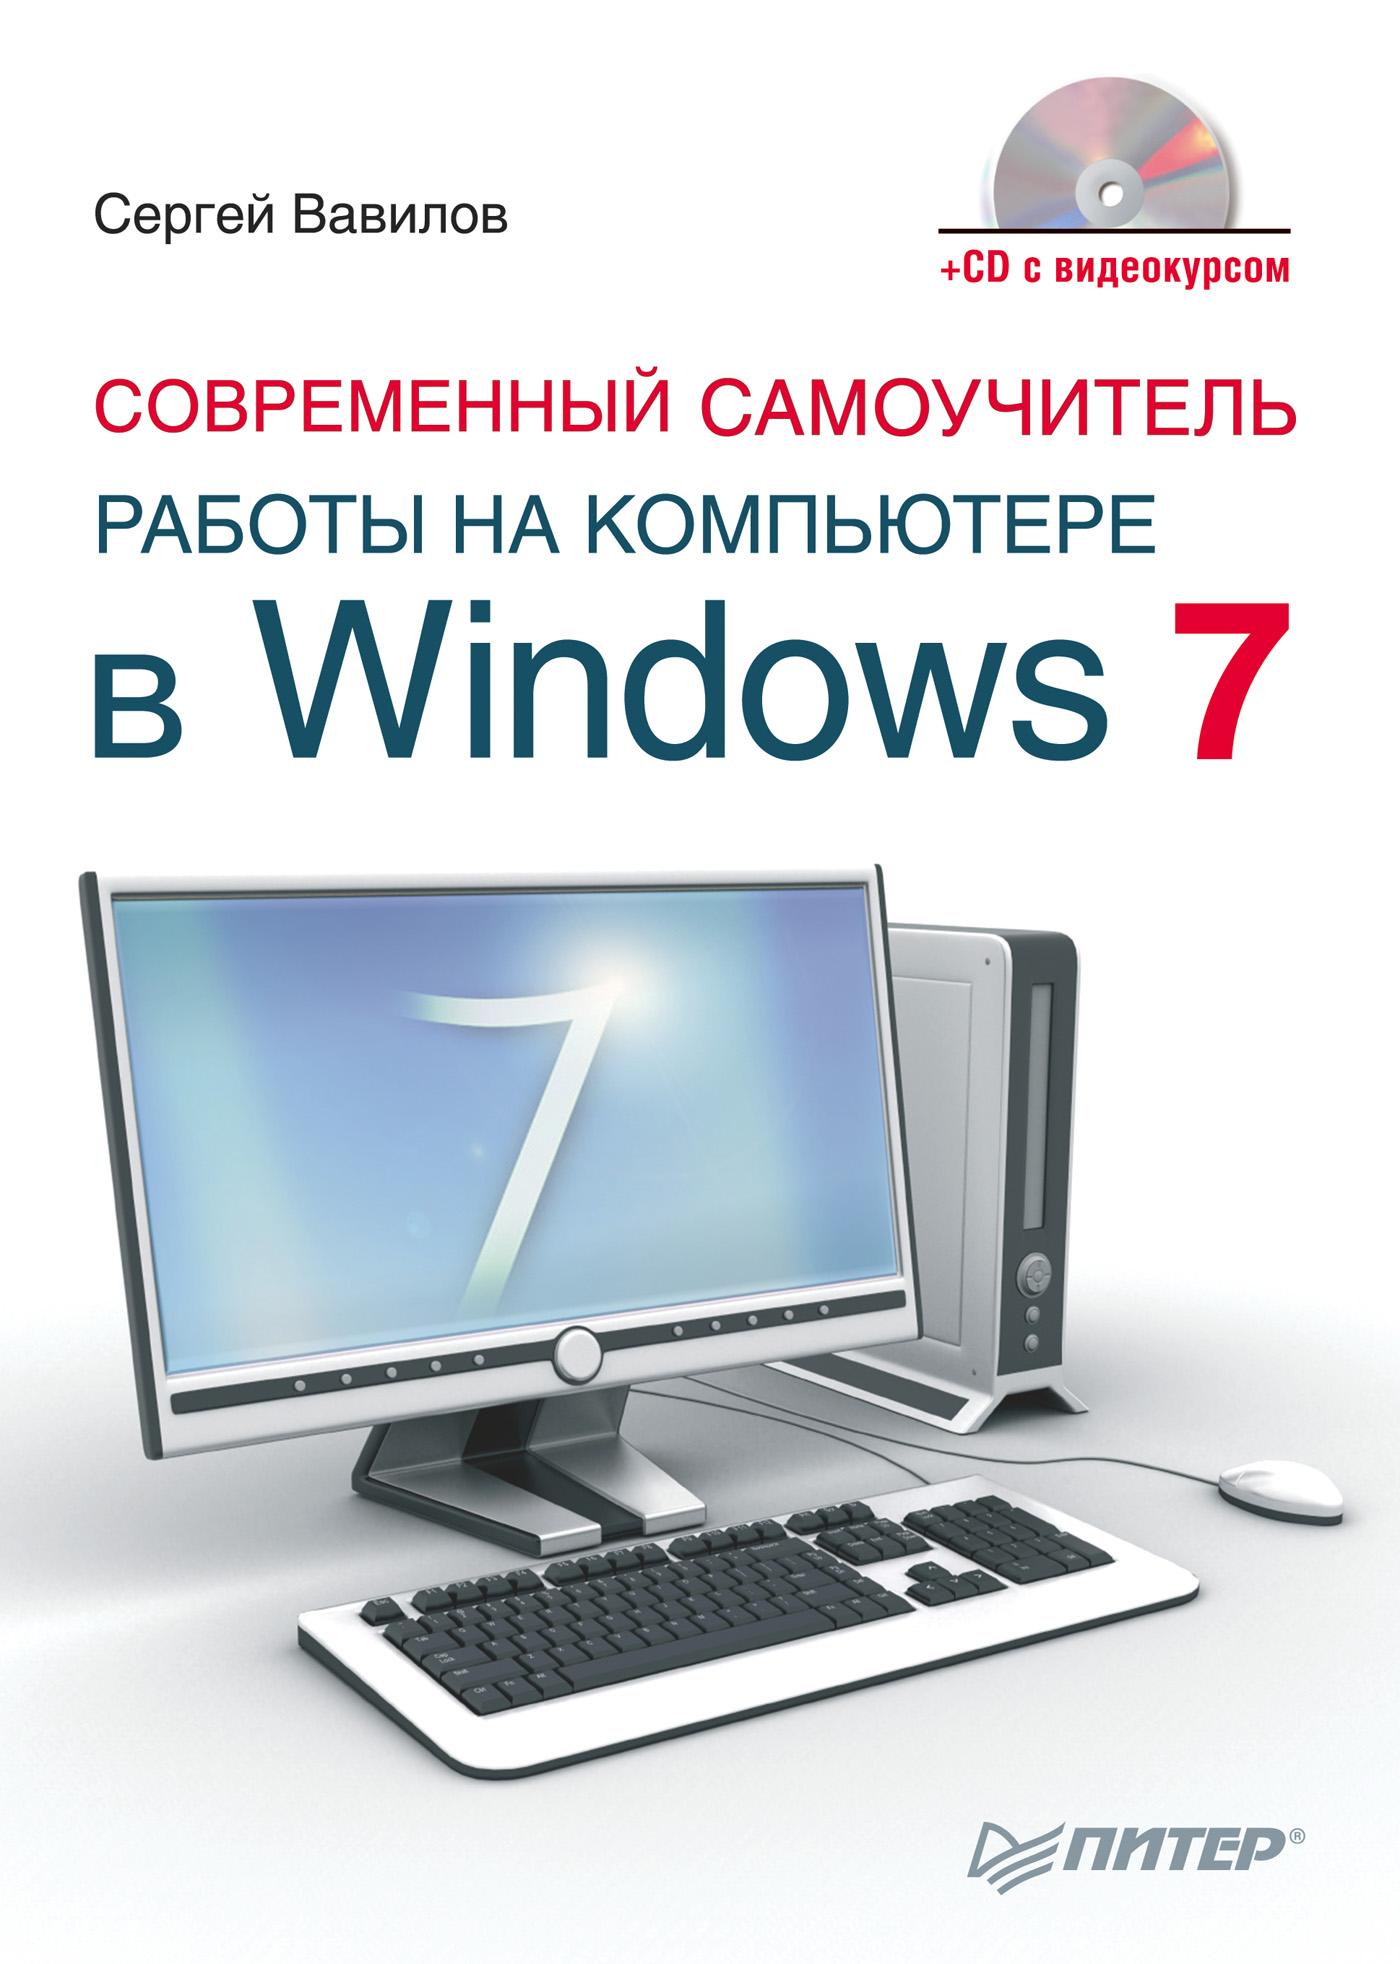 Сергей Вавилов «Современный самоучитель работы на компьютере в Windows 7»